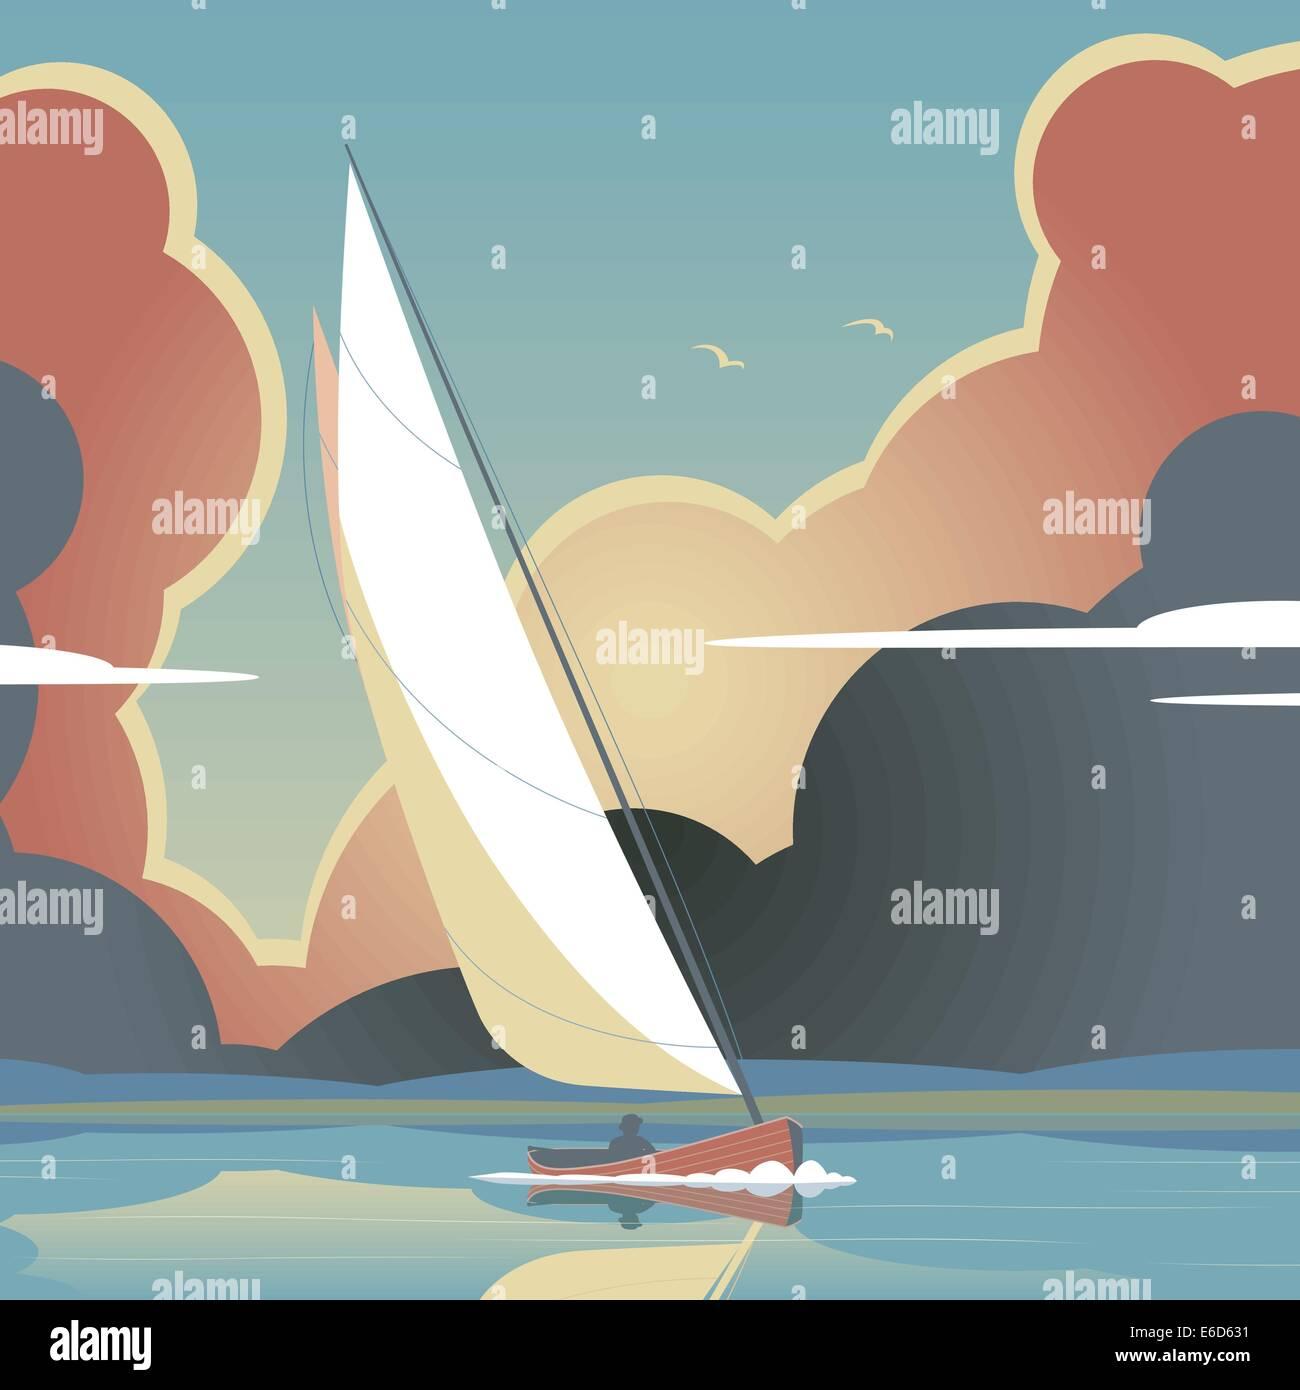 Illustration vectorielle modifiable d'un homme d'un yacht à voile sur l'eau calme Photo Stock